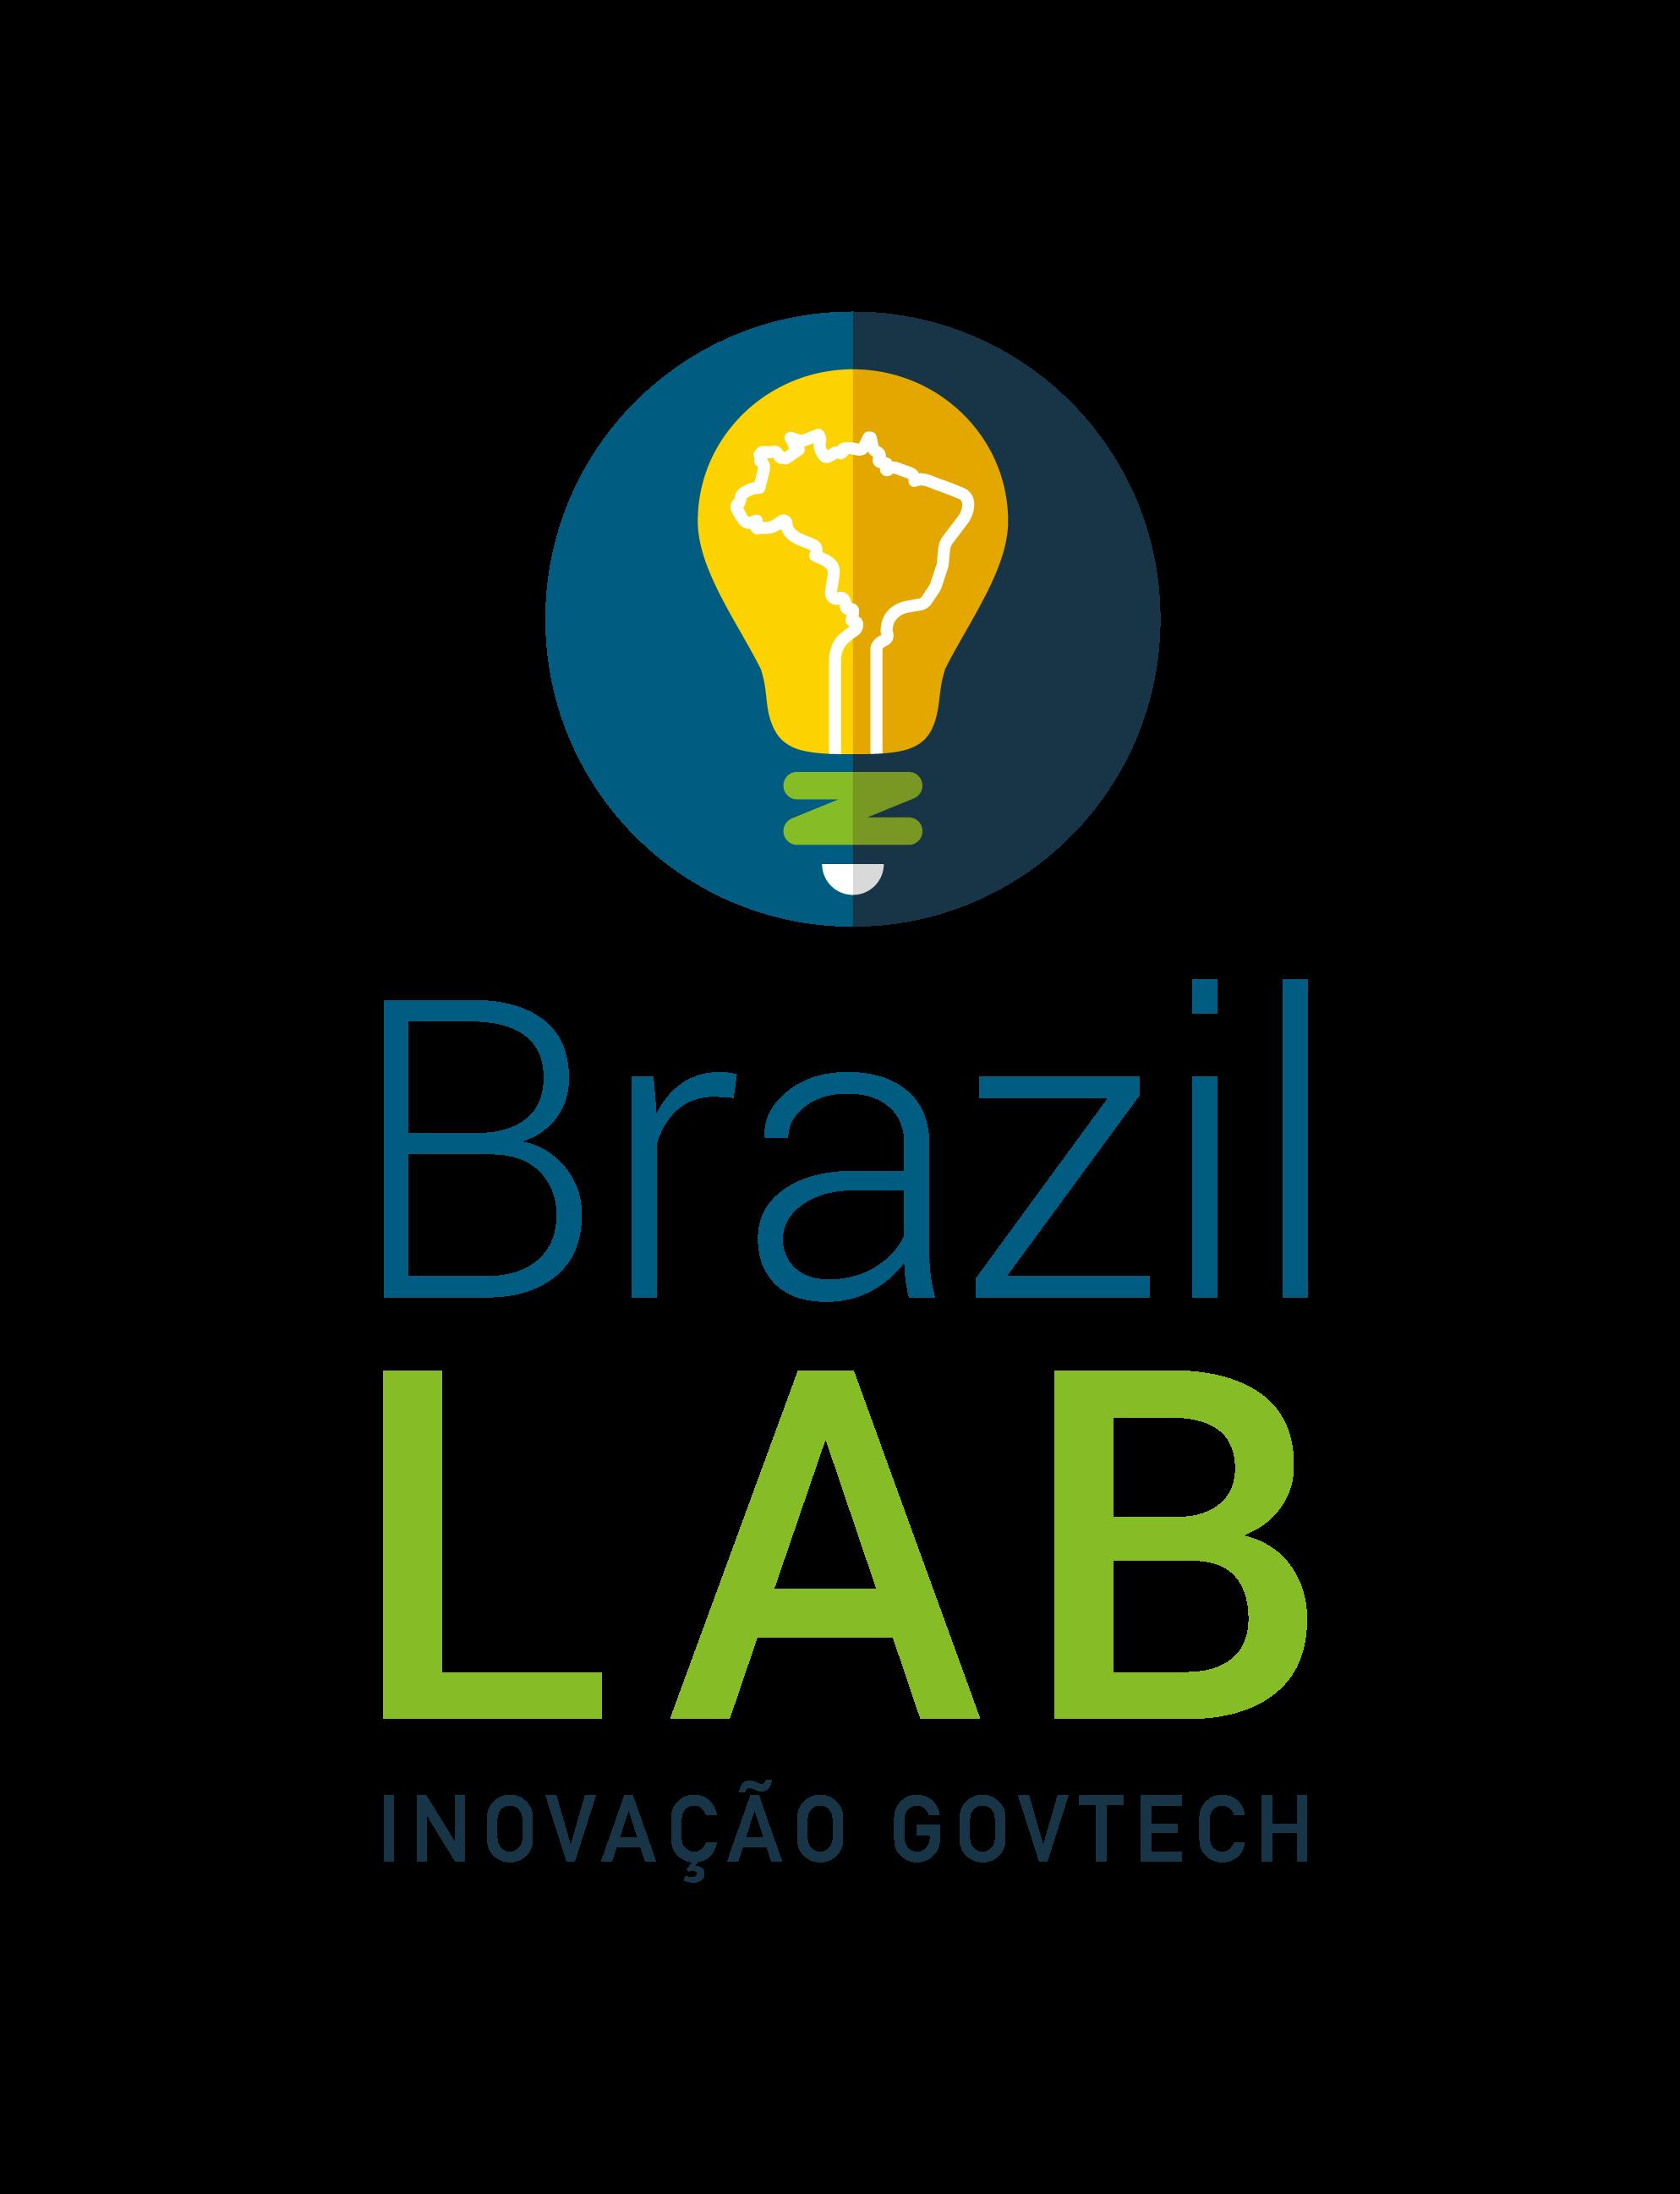 BrazilLab